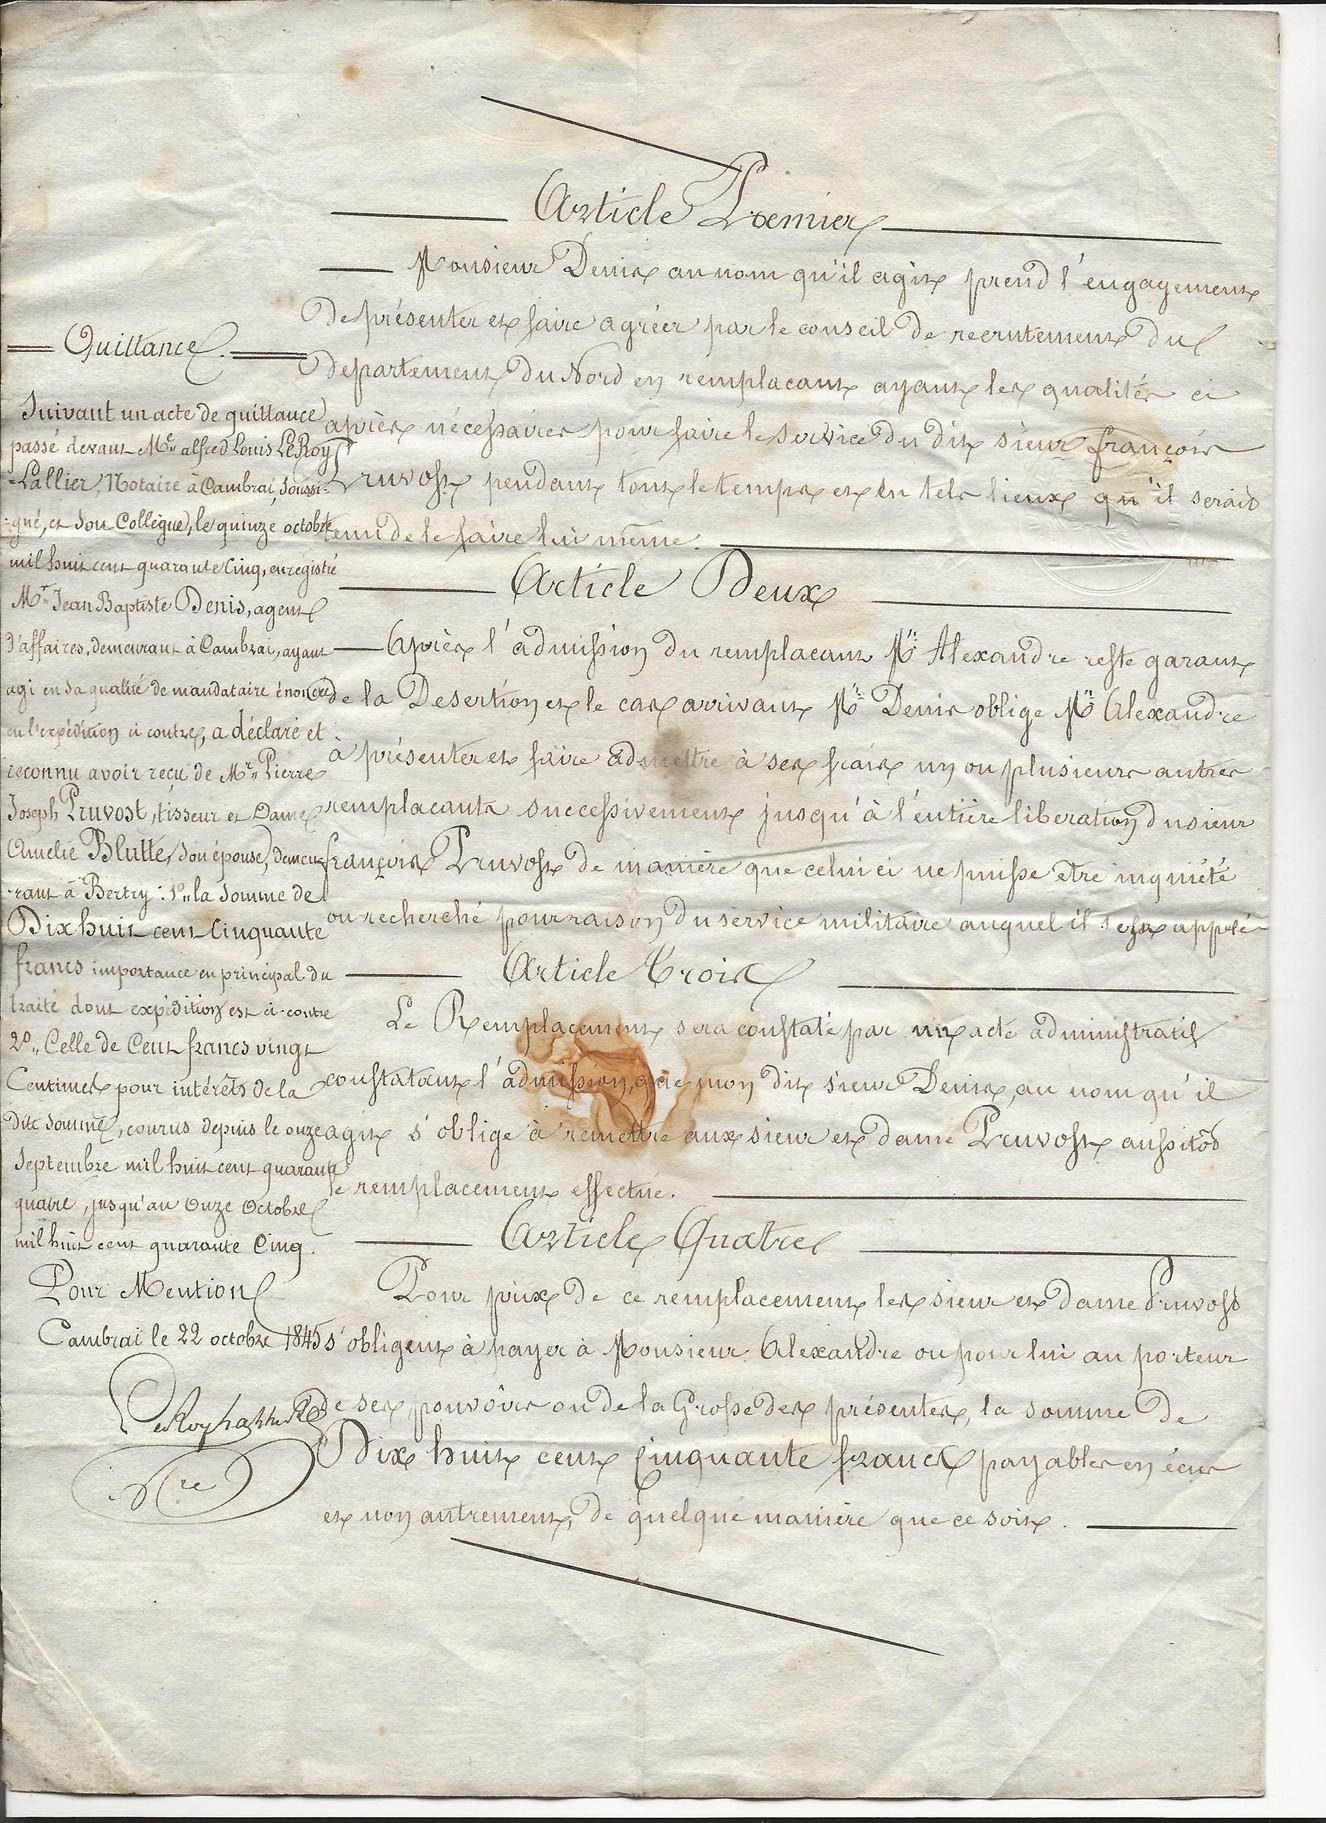 1844 retraite de remplacement de francois pruvot 002